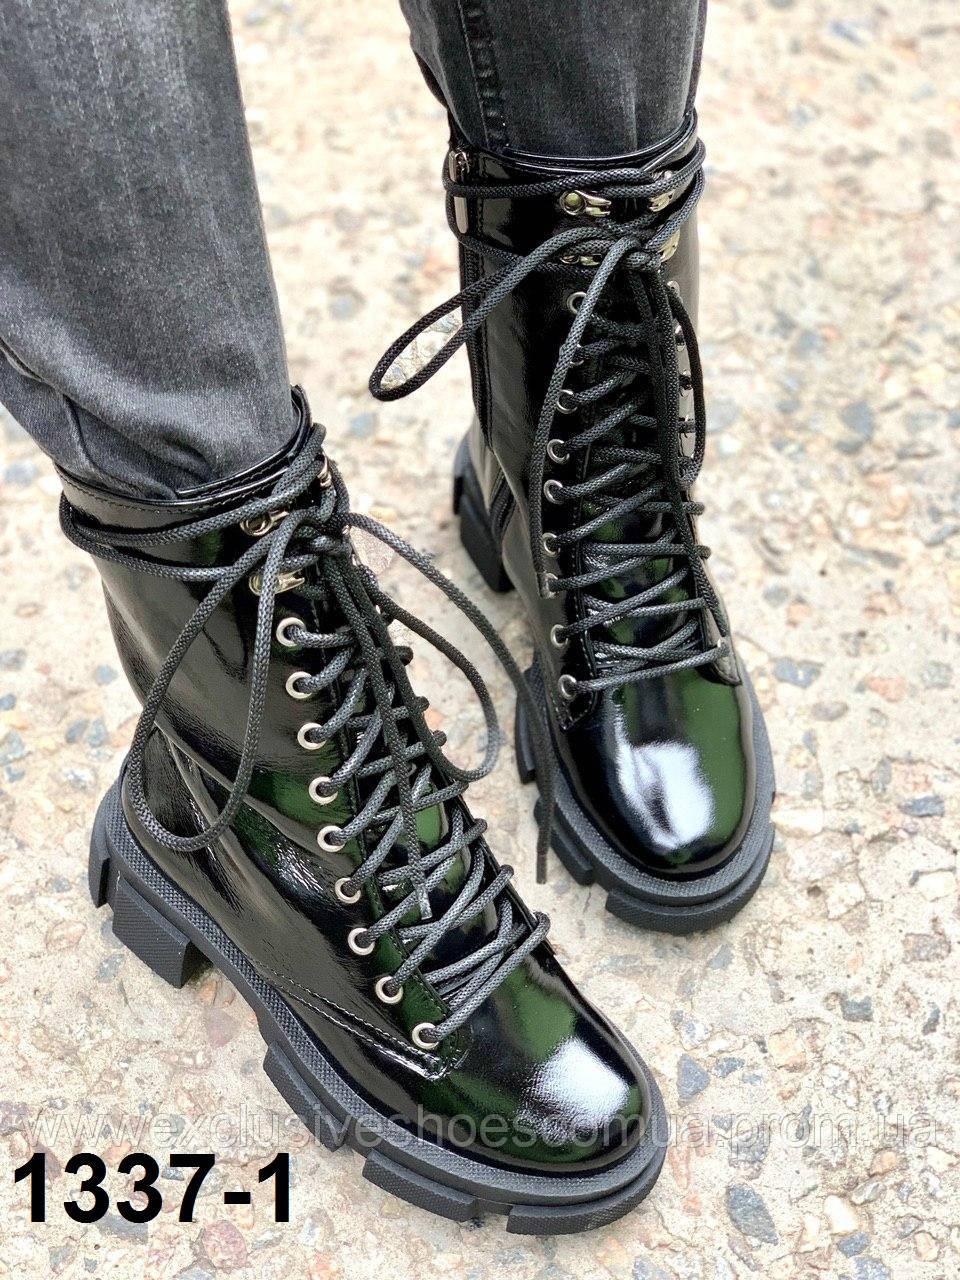 Жіночі шкіряні черевики-берці чорний наплак